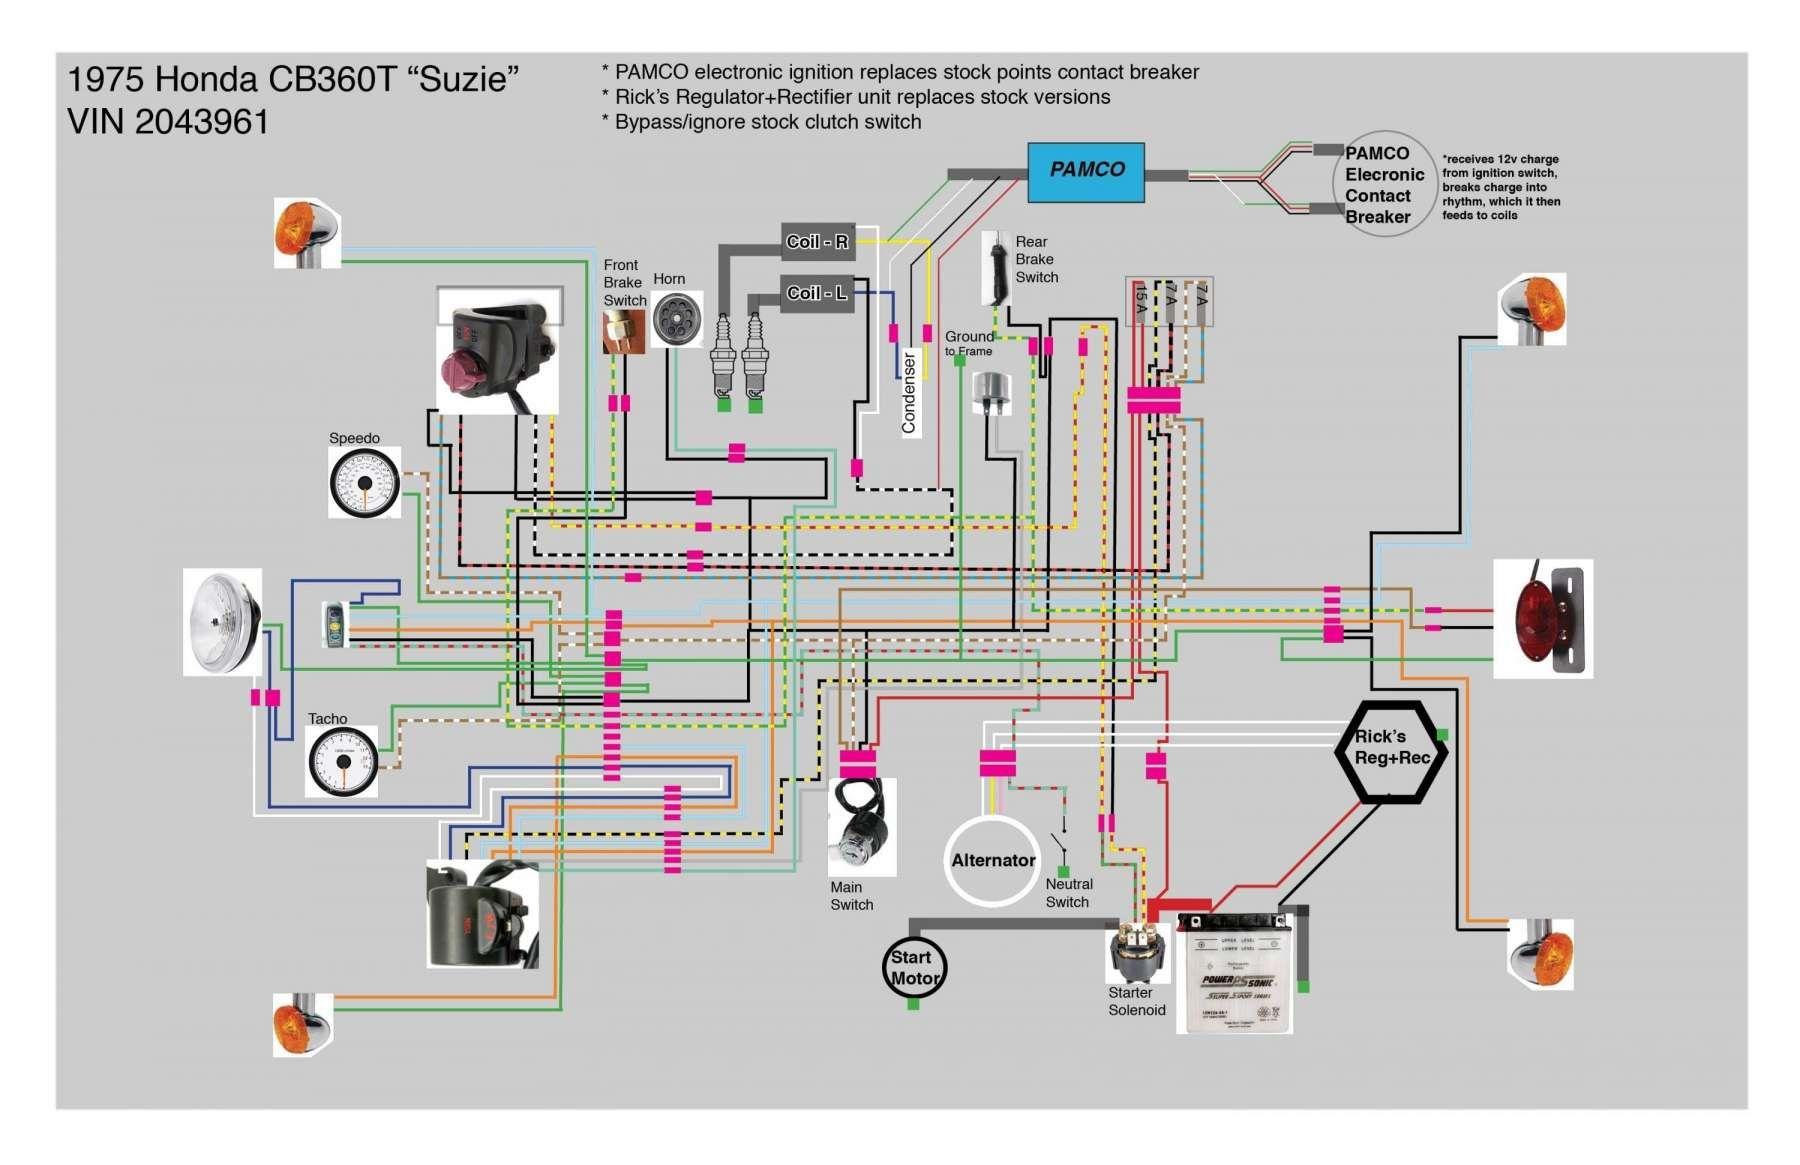 17 Honda Cl 360 Motorcycle Wiring Diagram Motorcycle Diagram Wiringg Net Electrical Wiring Diagram Motorcycle Wiring Diagram